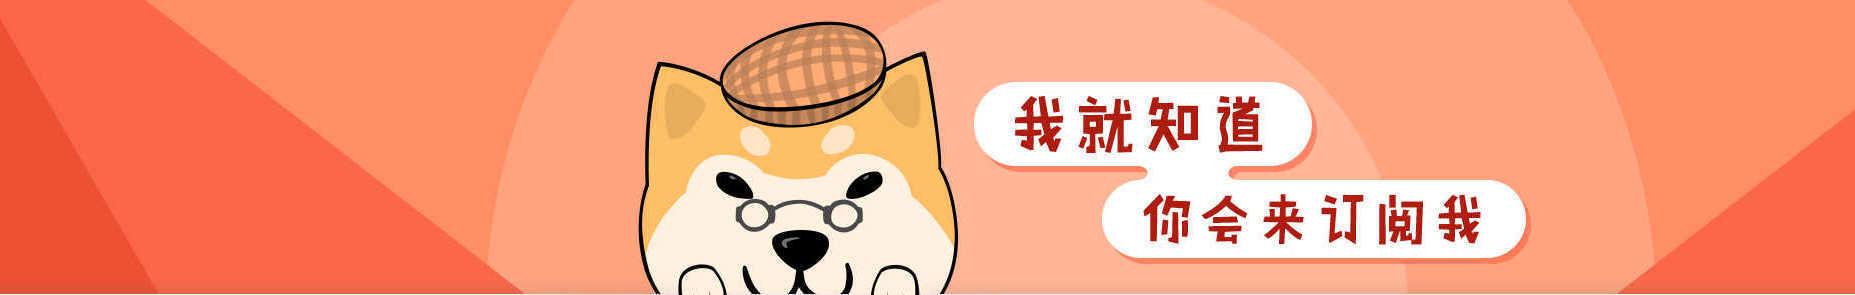 刘文子墨 banner